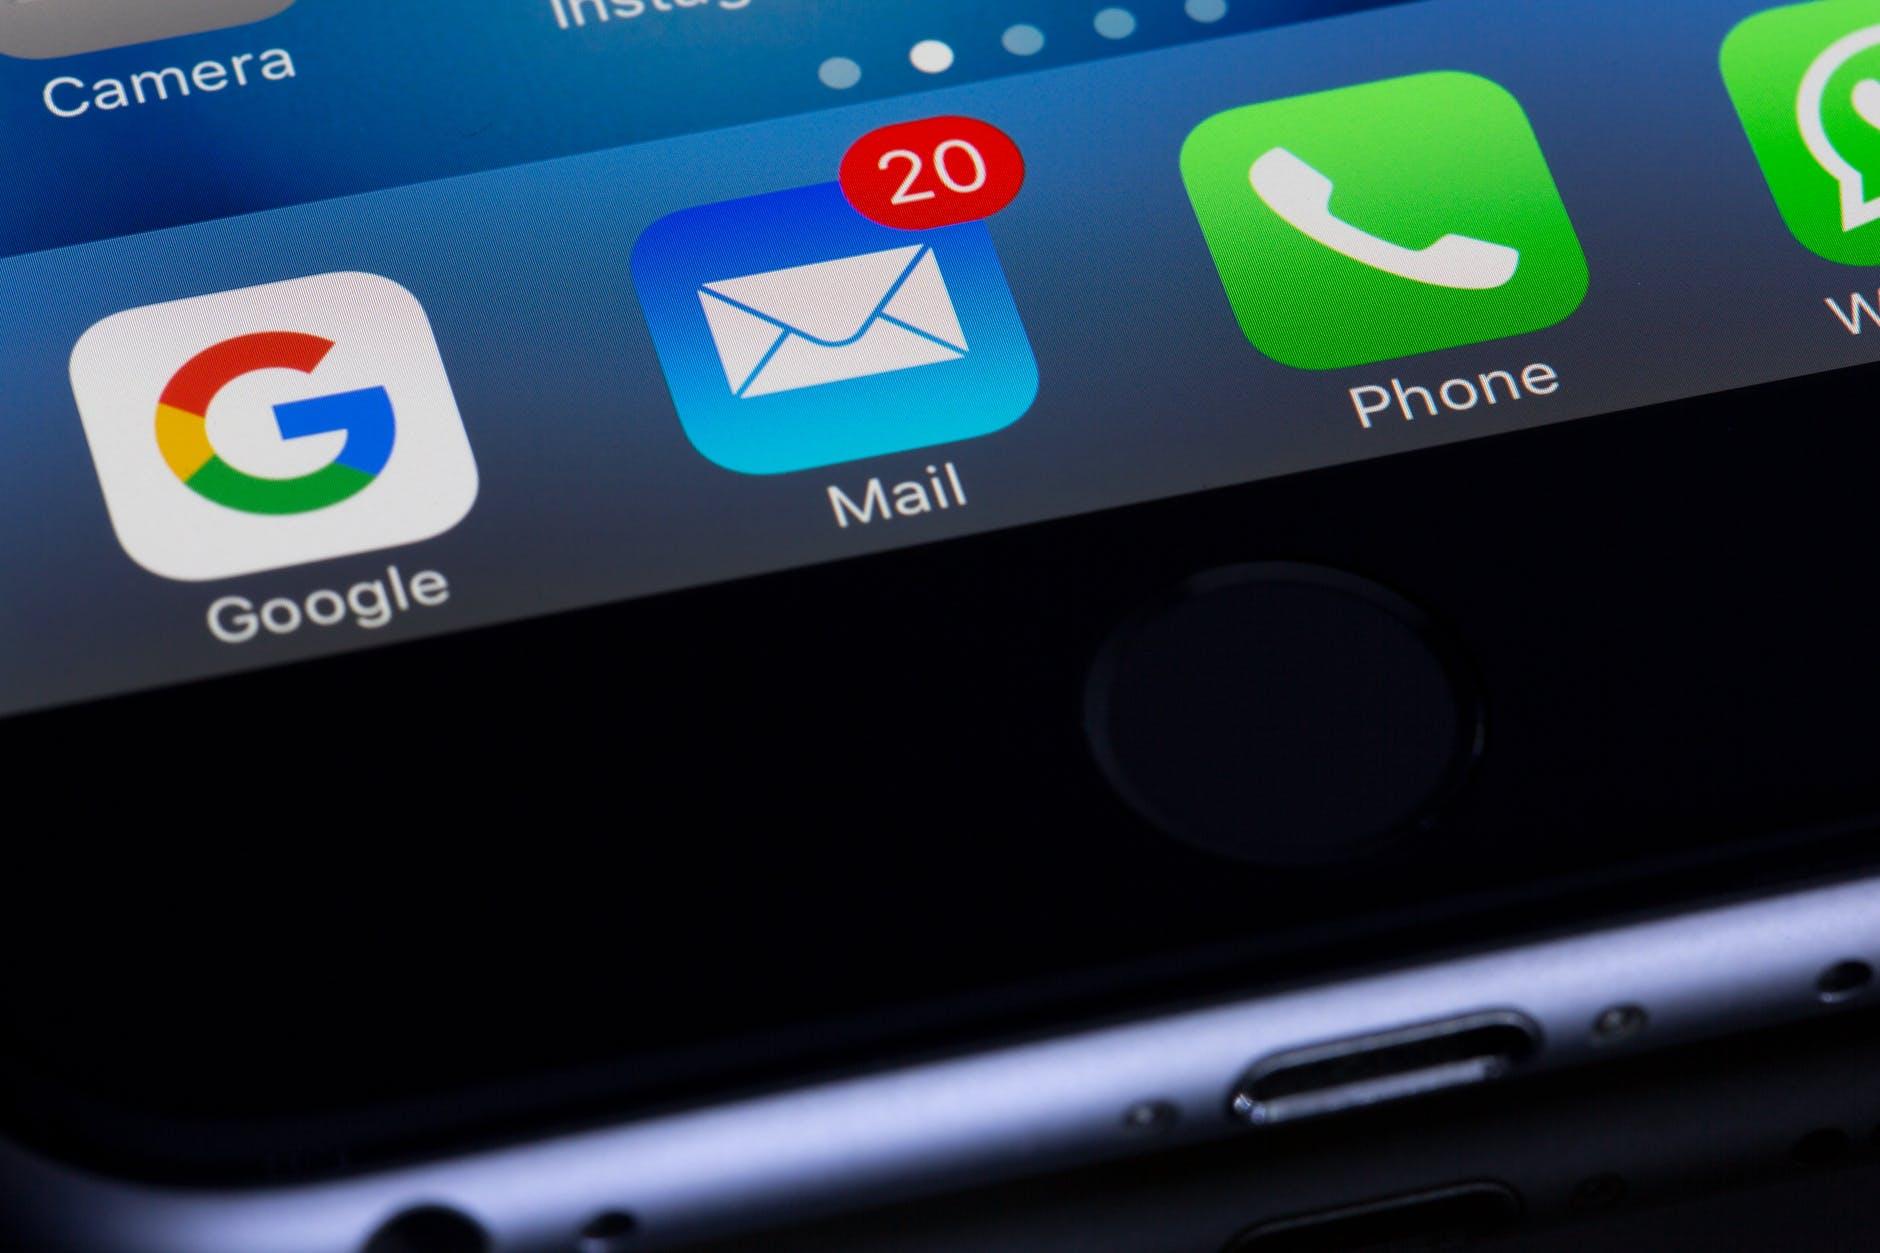 Ridenomina automaticamente tutte le mail sul desktop.